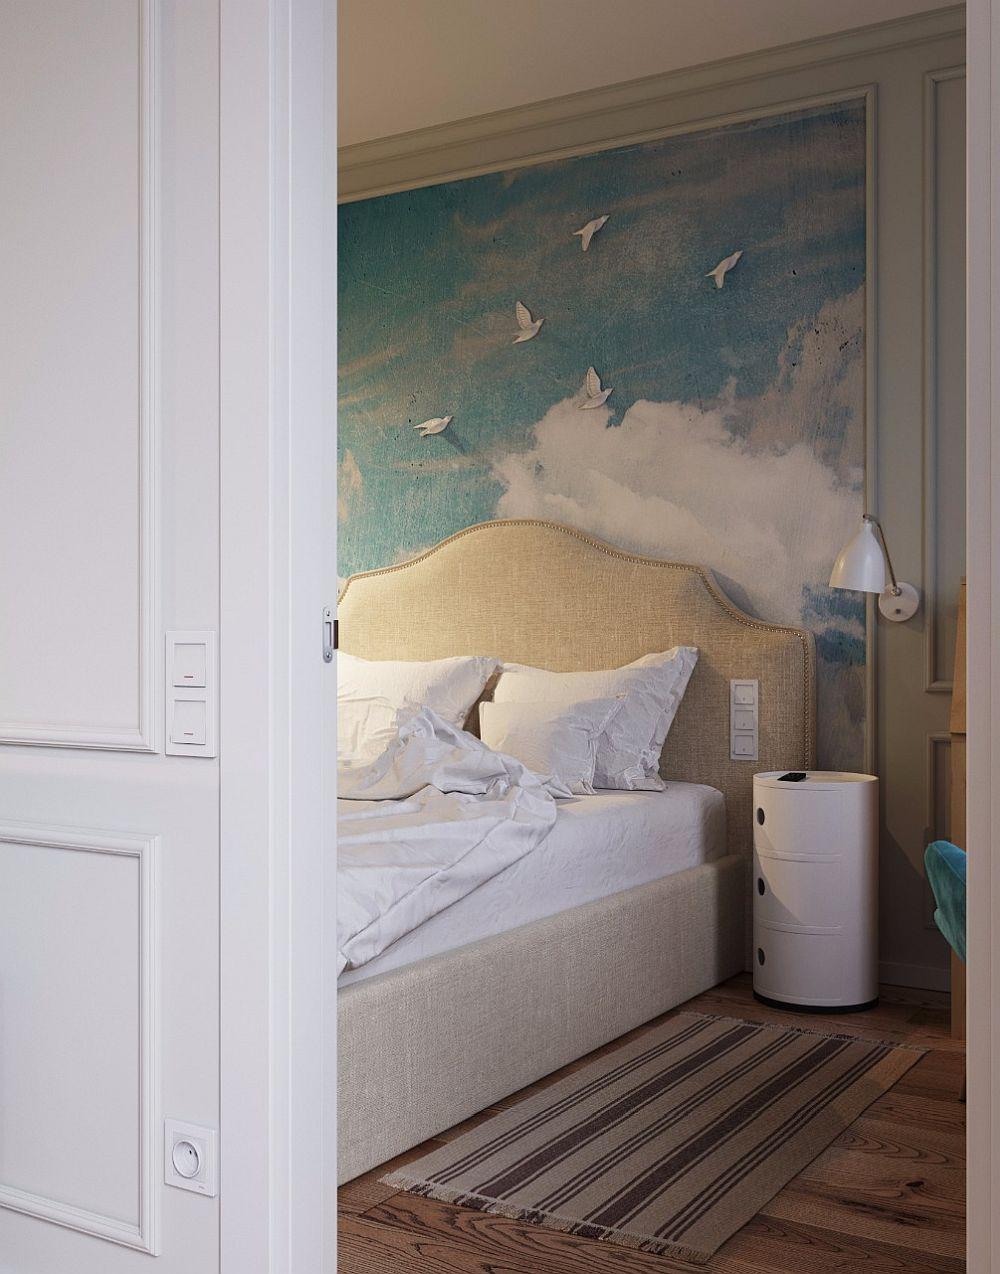 Dormitorul are aerul clasic pe care și l-a dorit proprietara, stil sugerat prin tăblia patului.